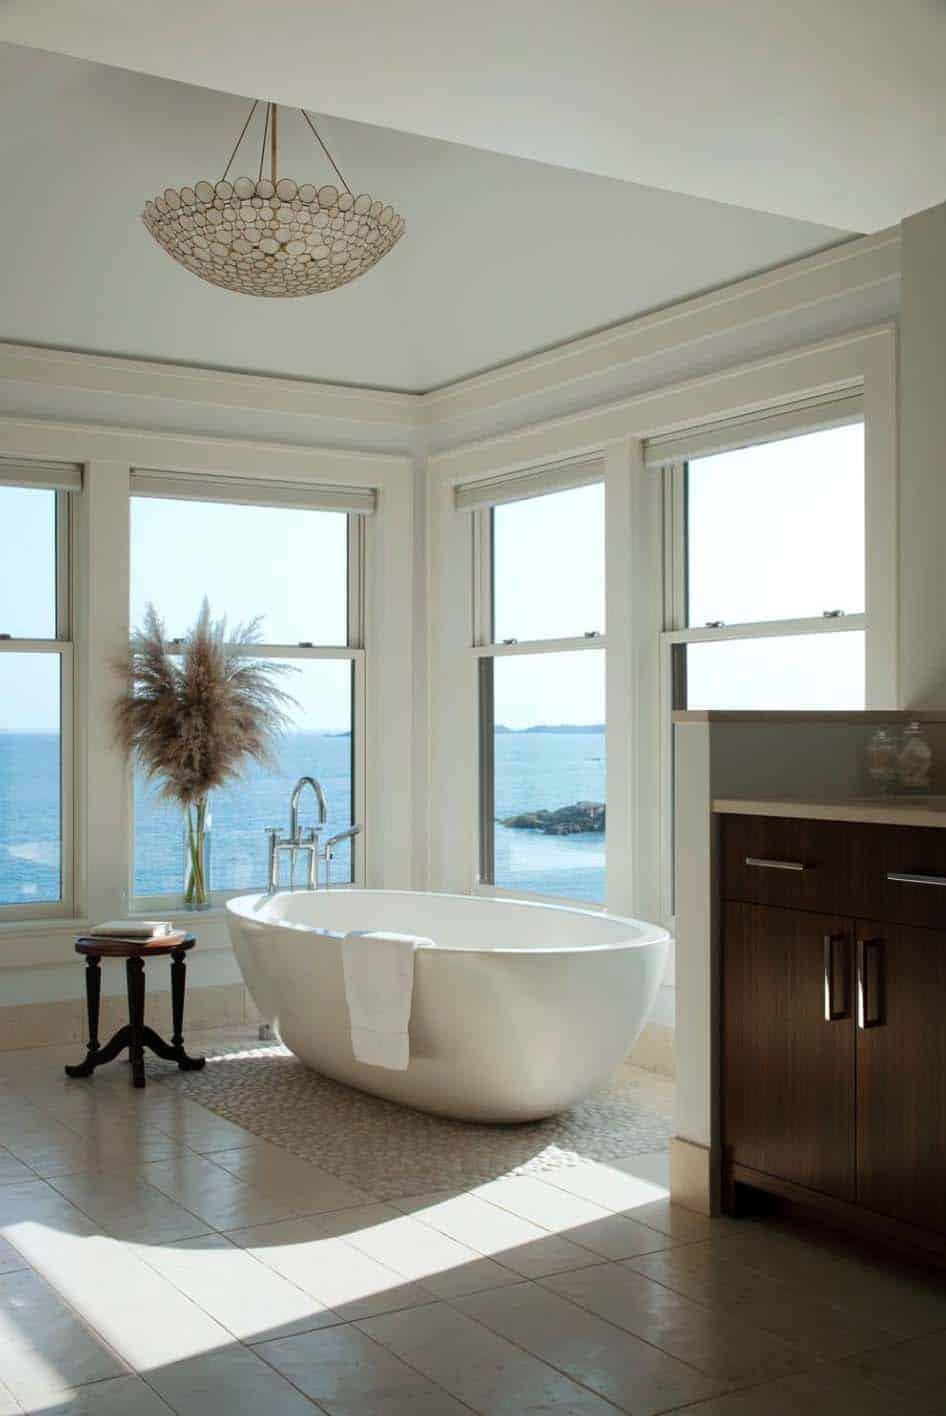 Freestanding-Tubs-Bathroom-Ideas-11-1 Kindesign